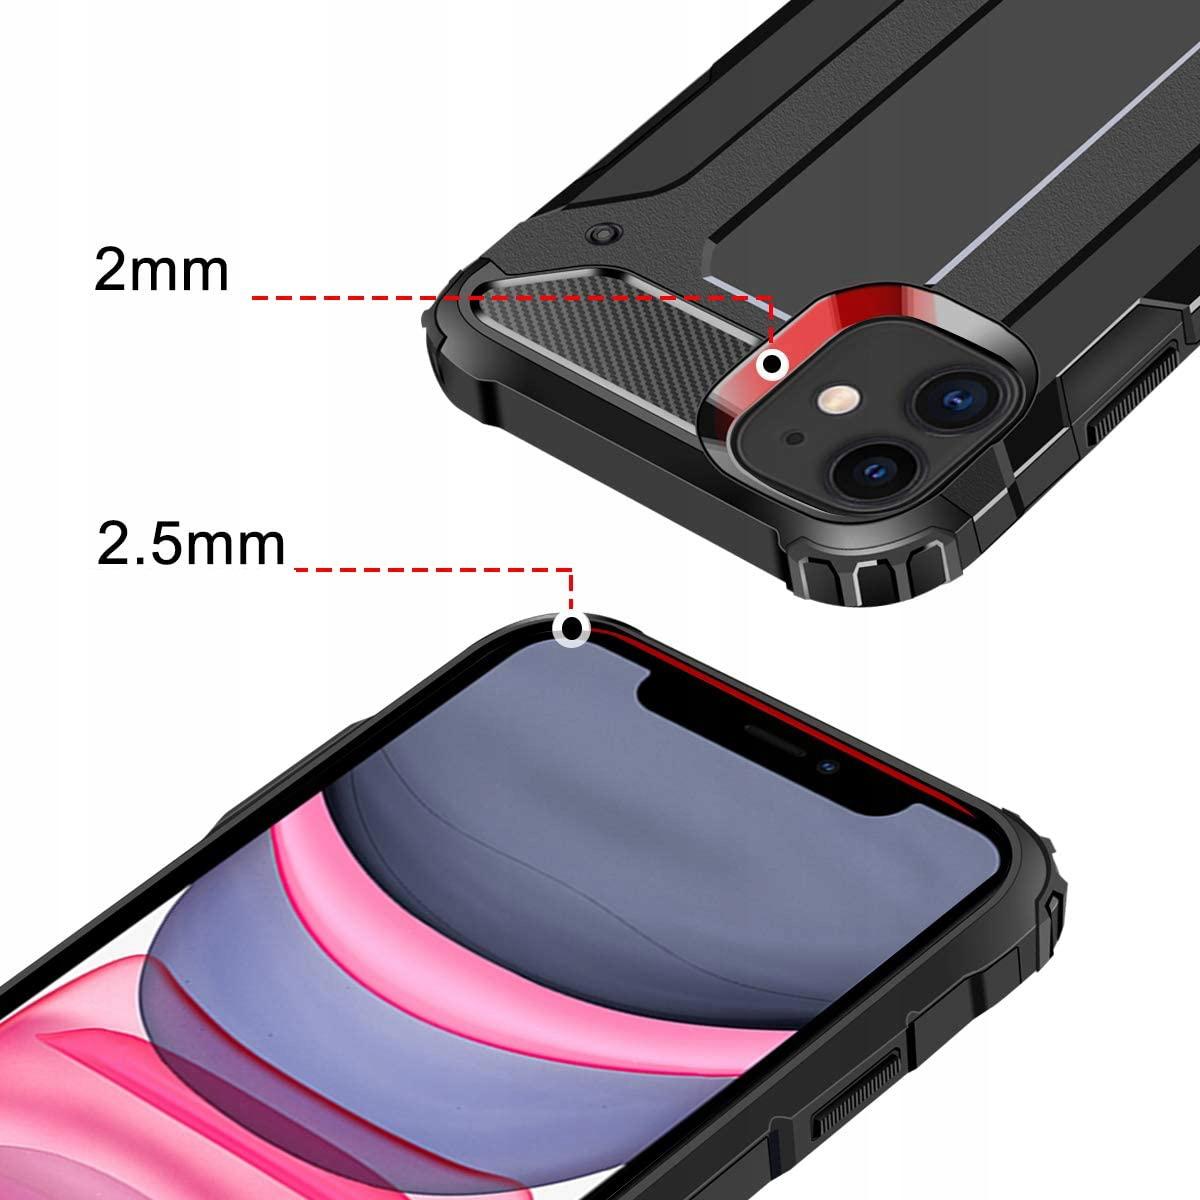 ETUI do iPhone 12 PANCERNE ARMOR + SZKŁO 9H Dedykowany model iPhone 12